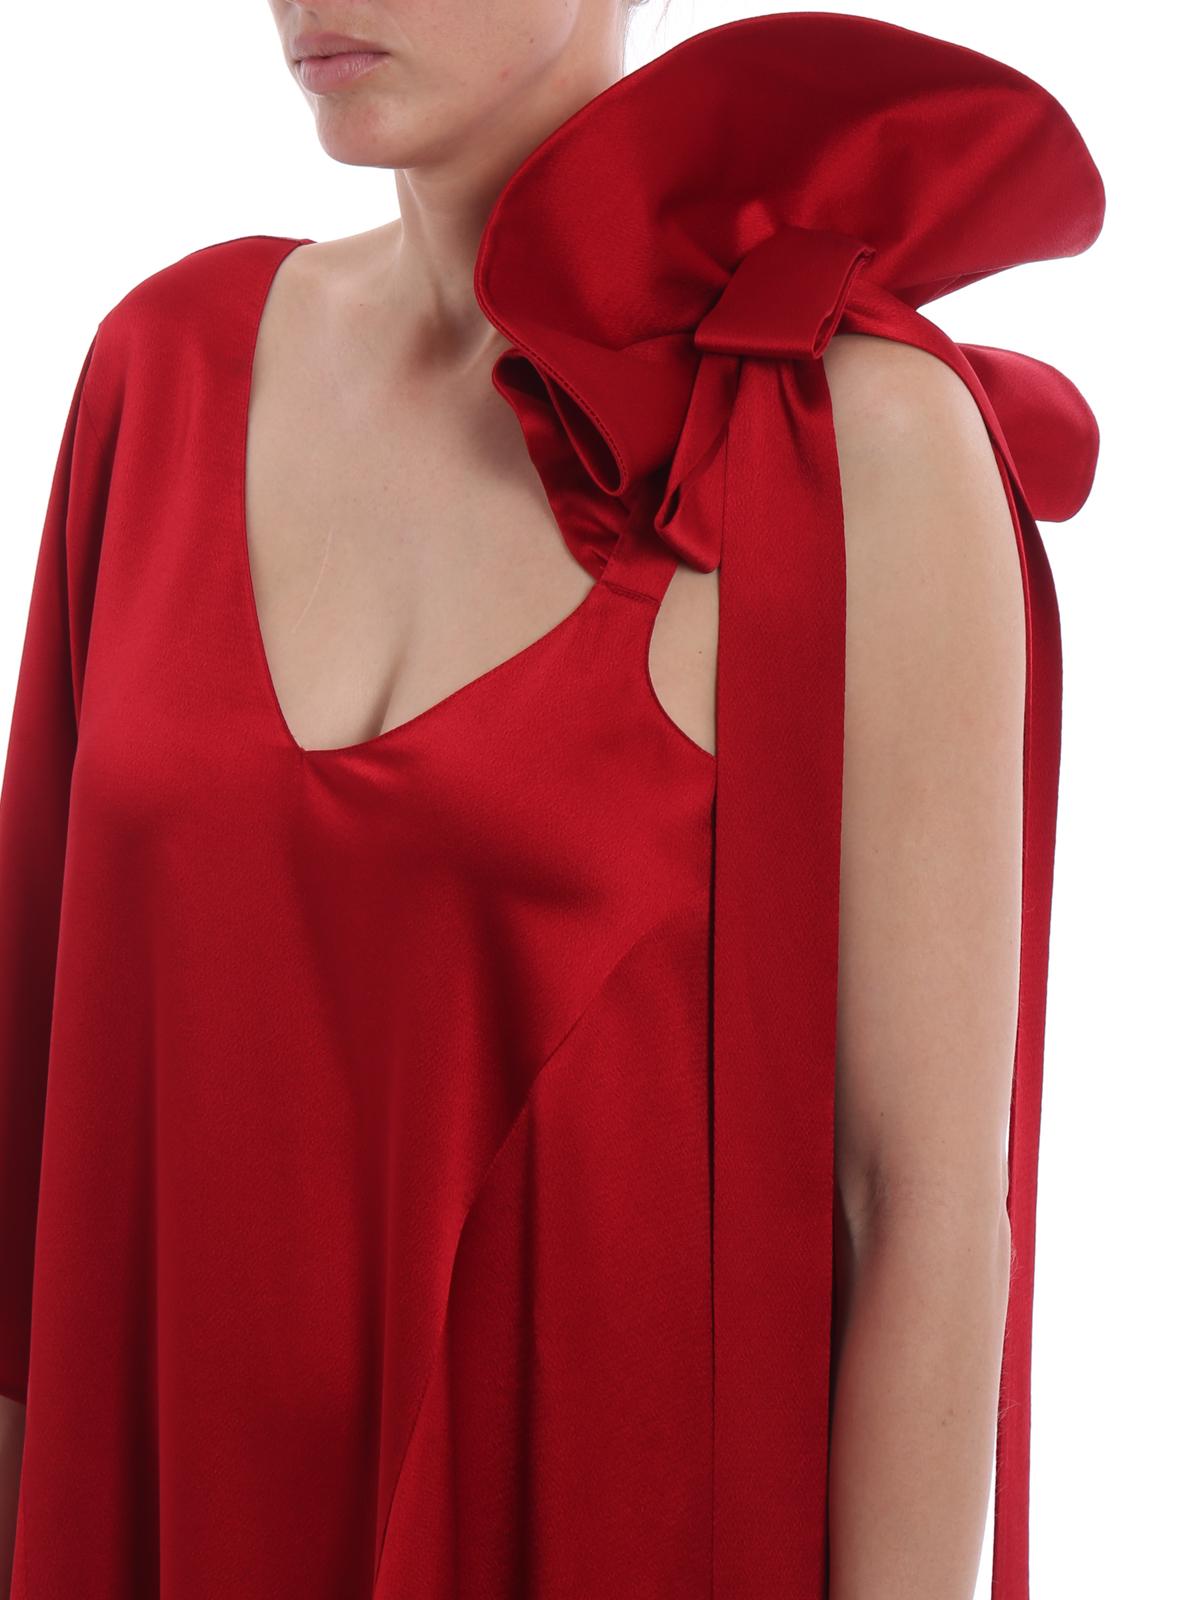 Cocktailkleid - Rot von Valentino - Cocktailkleider | iKRIX